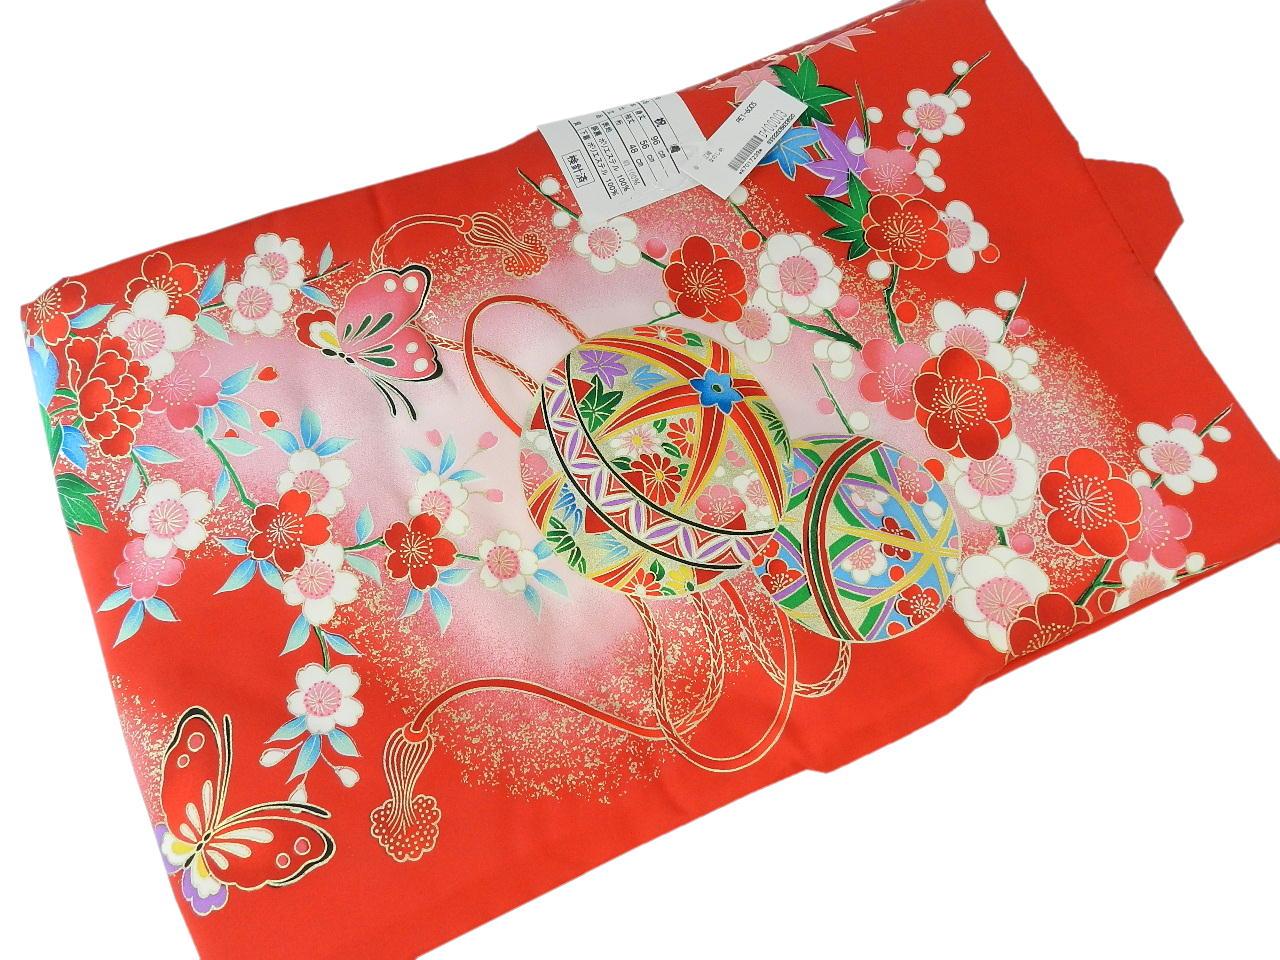 宮-6女の子女児正絹 宮参りの着物 襦袢付き祝い着セット価格産着 一つ身 のしめ祝着 着物 正絹  新品